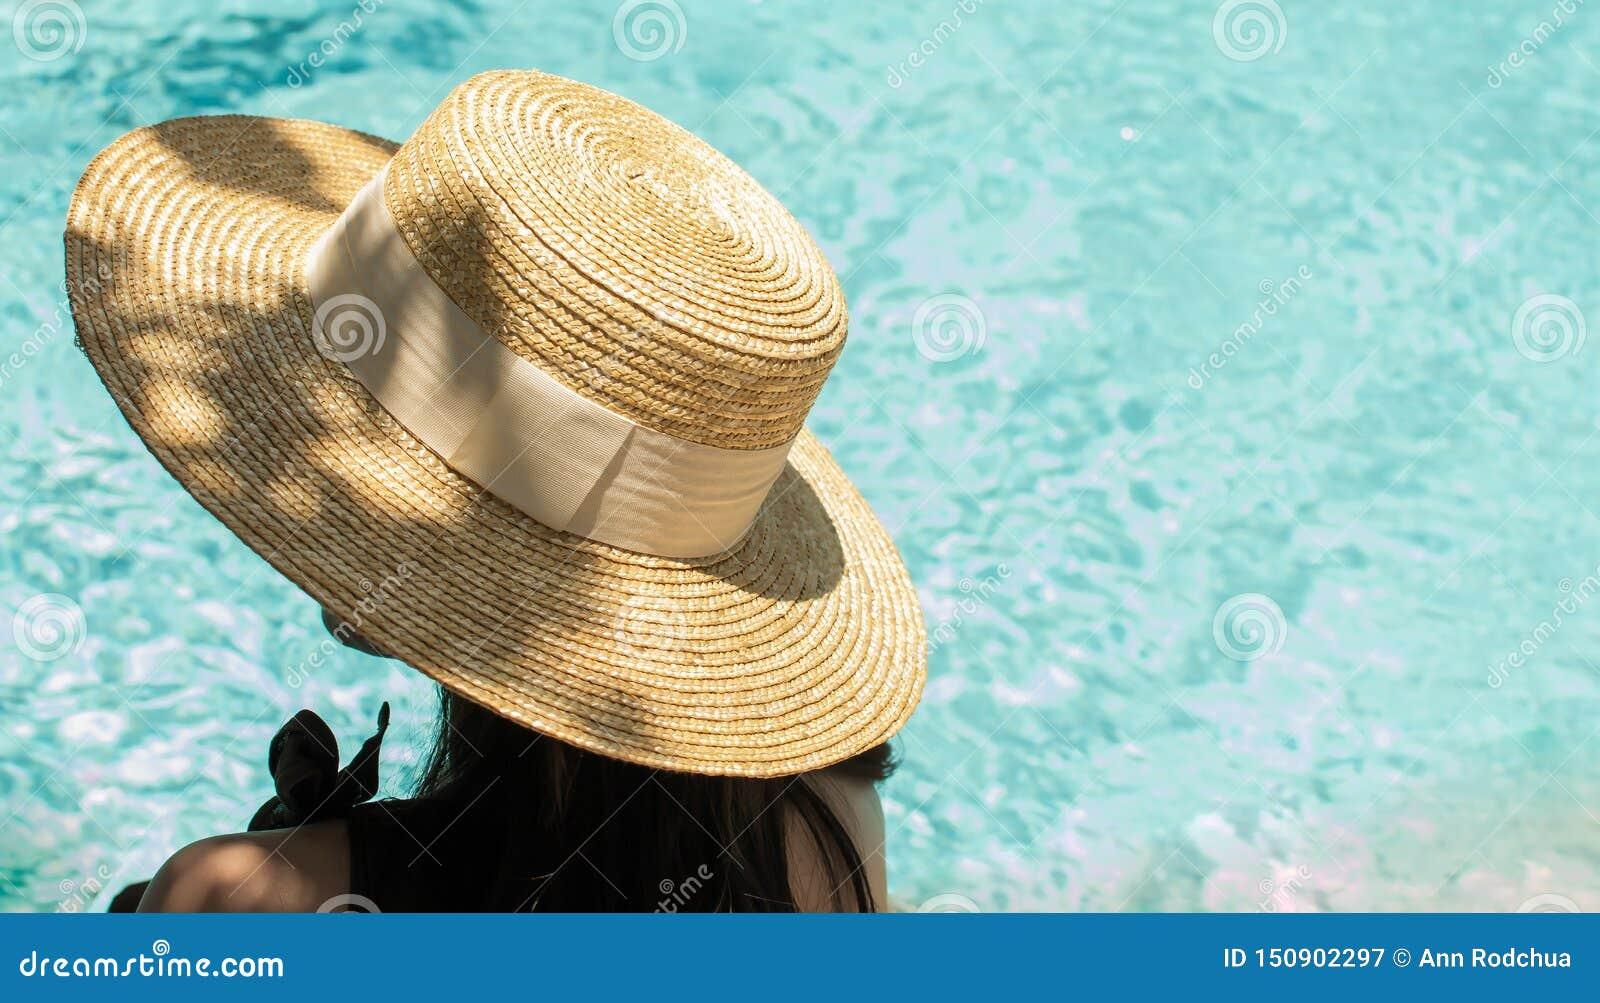 Kobieta siedzi obok basenu